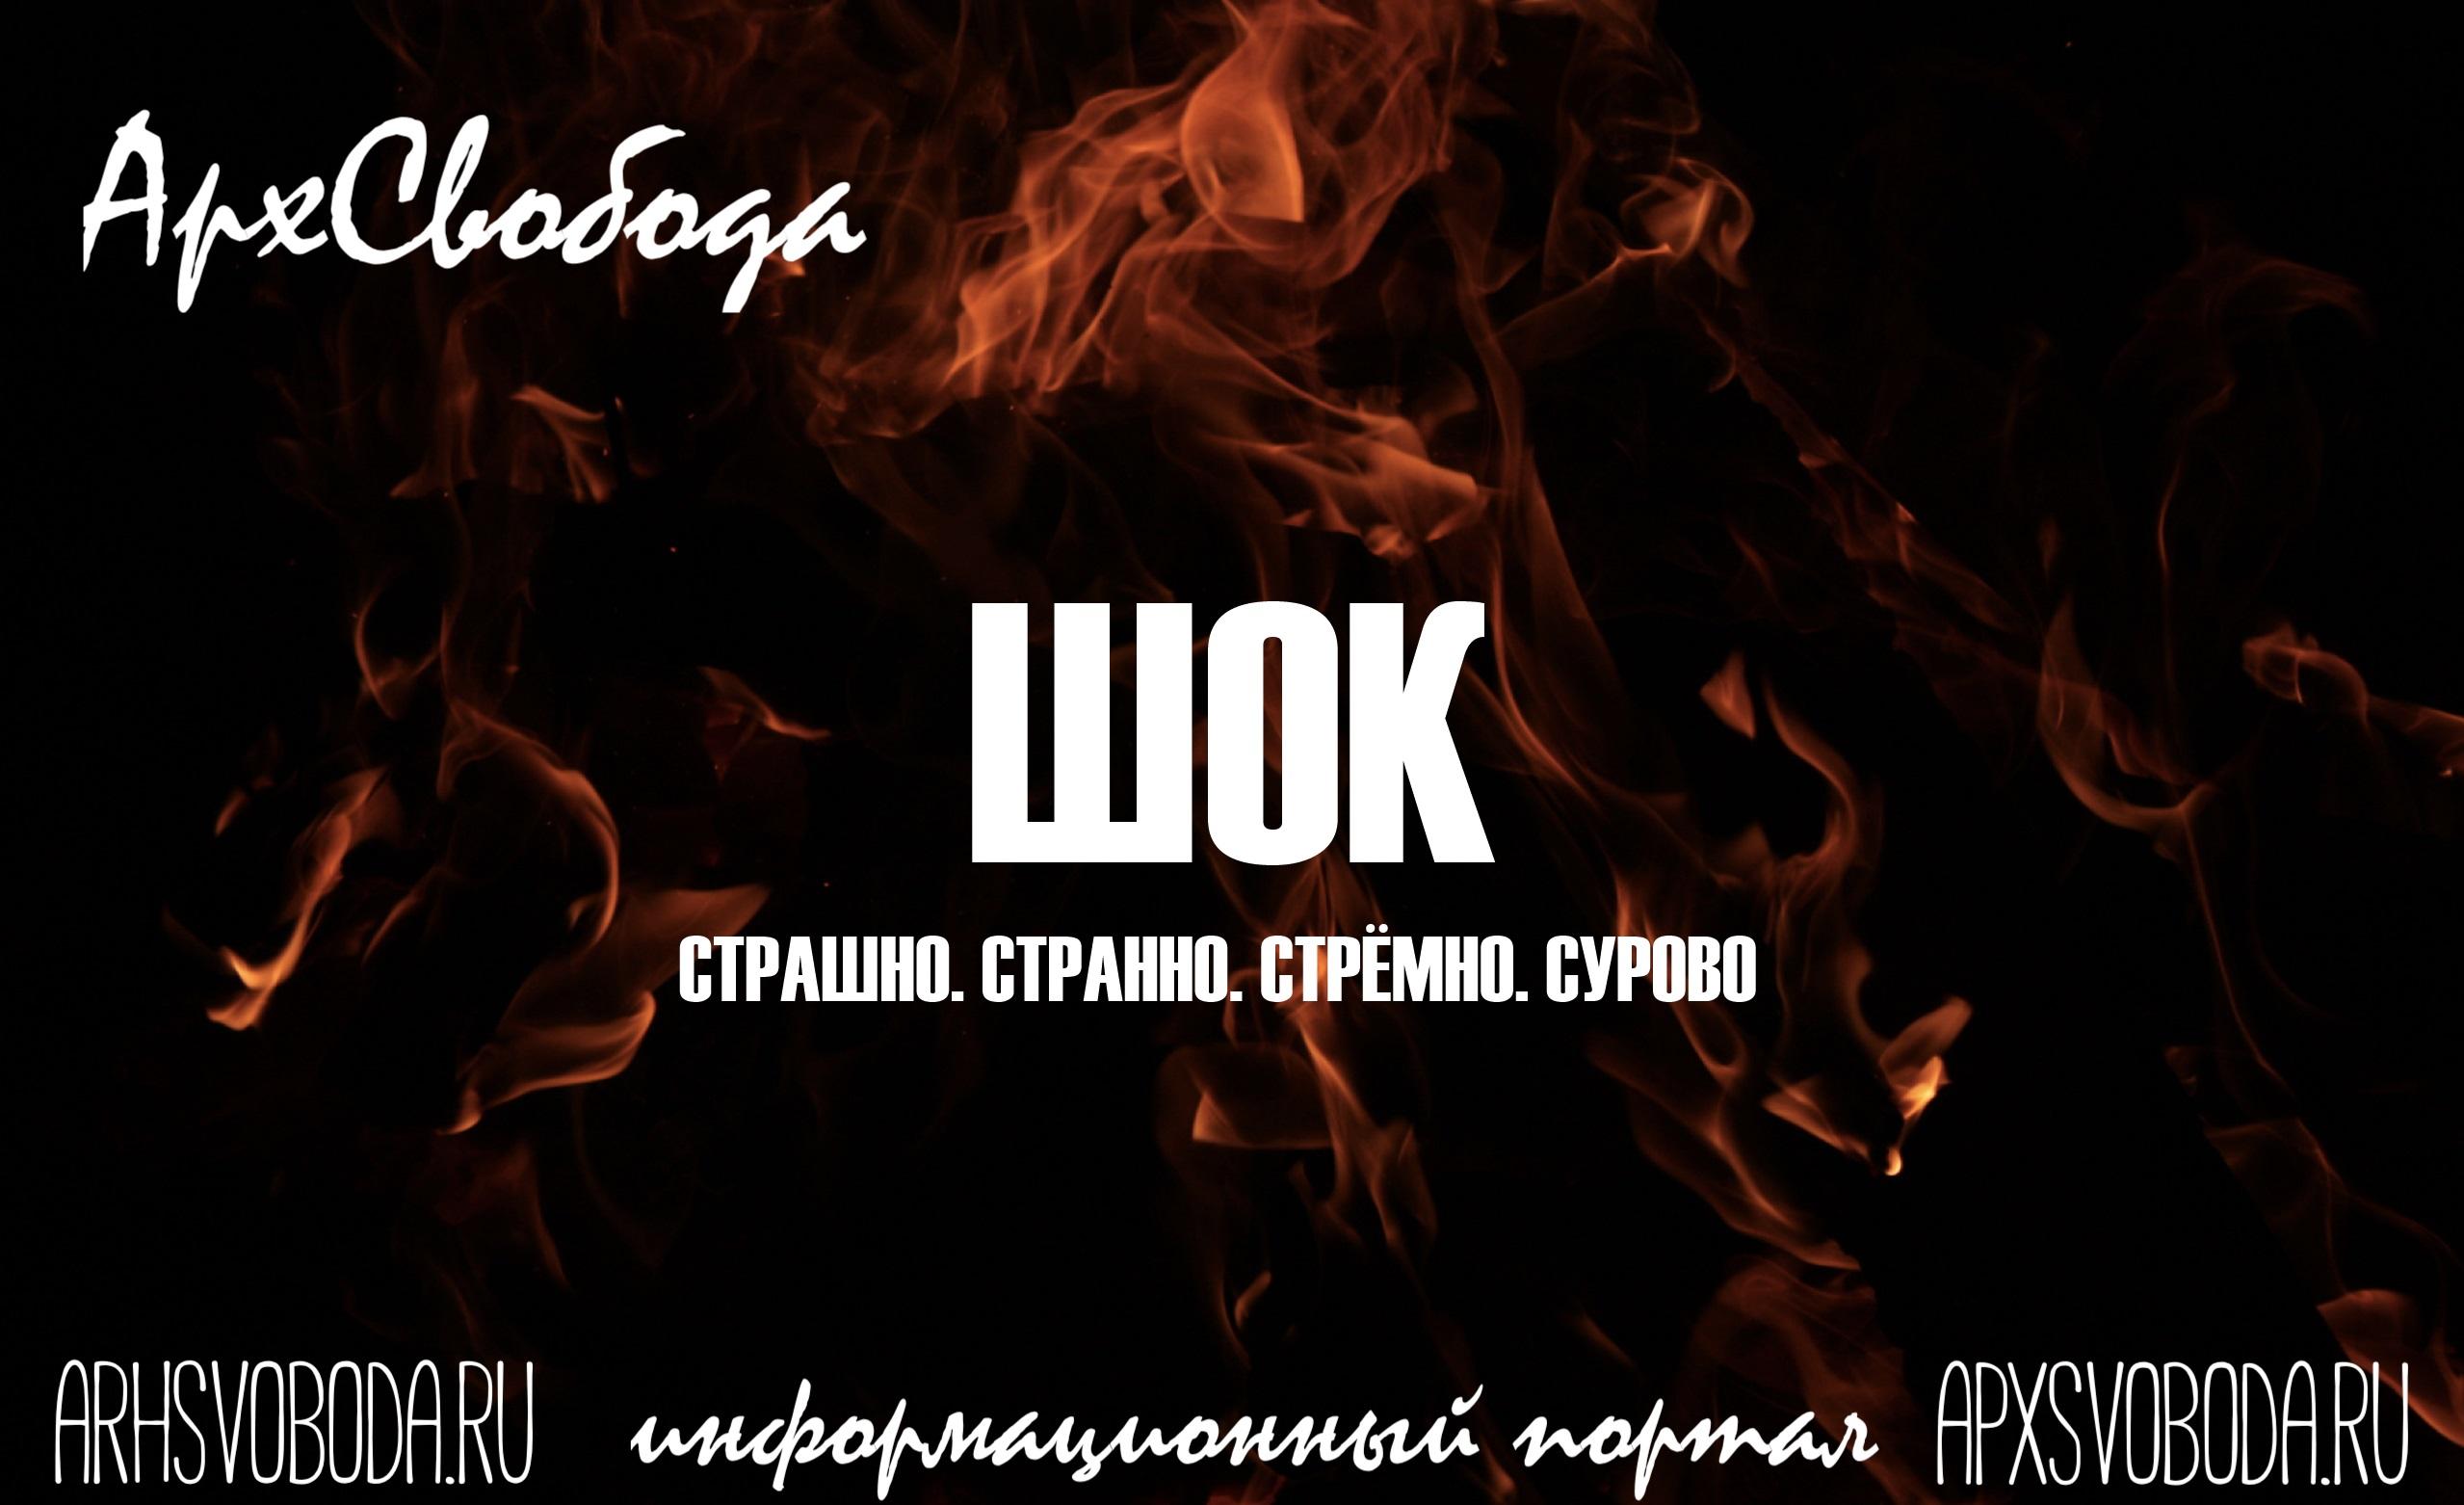 Архангельск. Канализационная афера